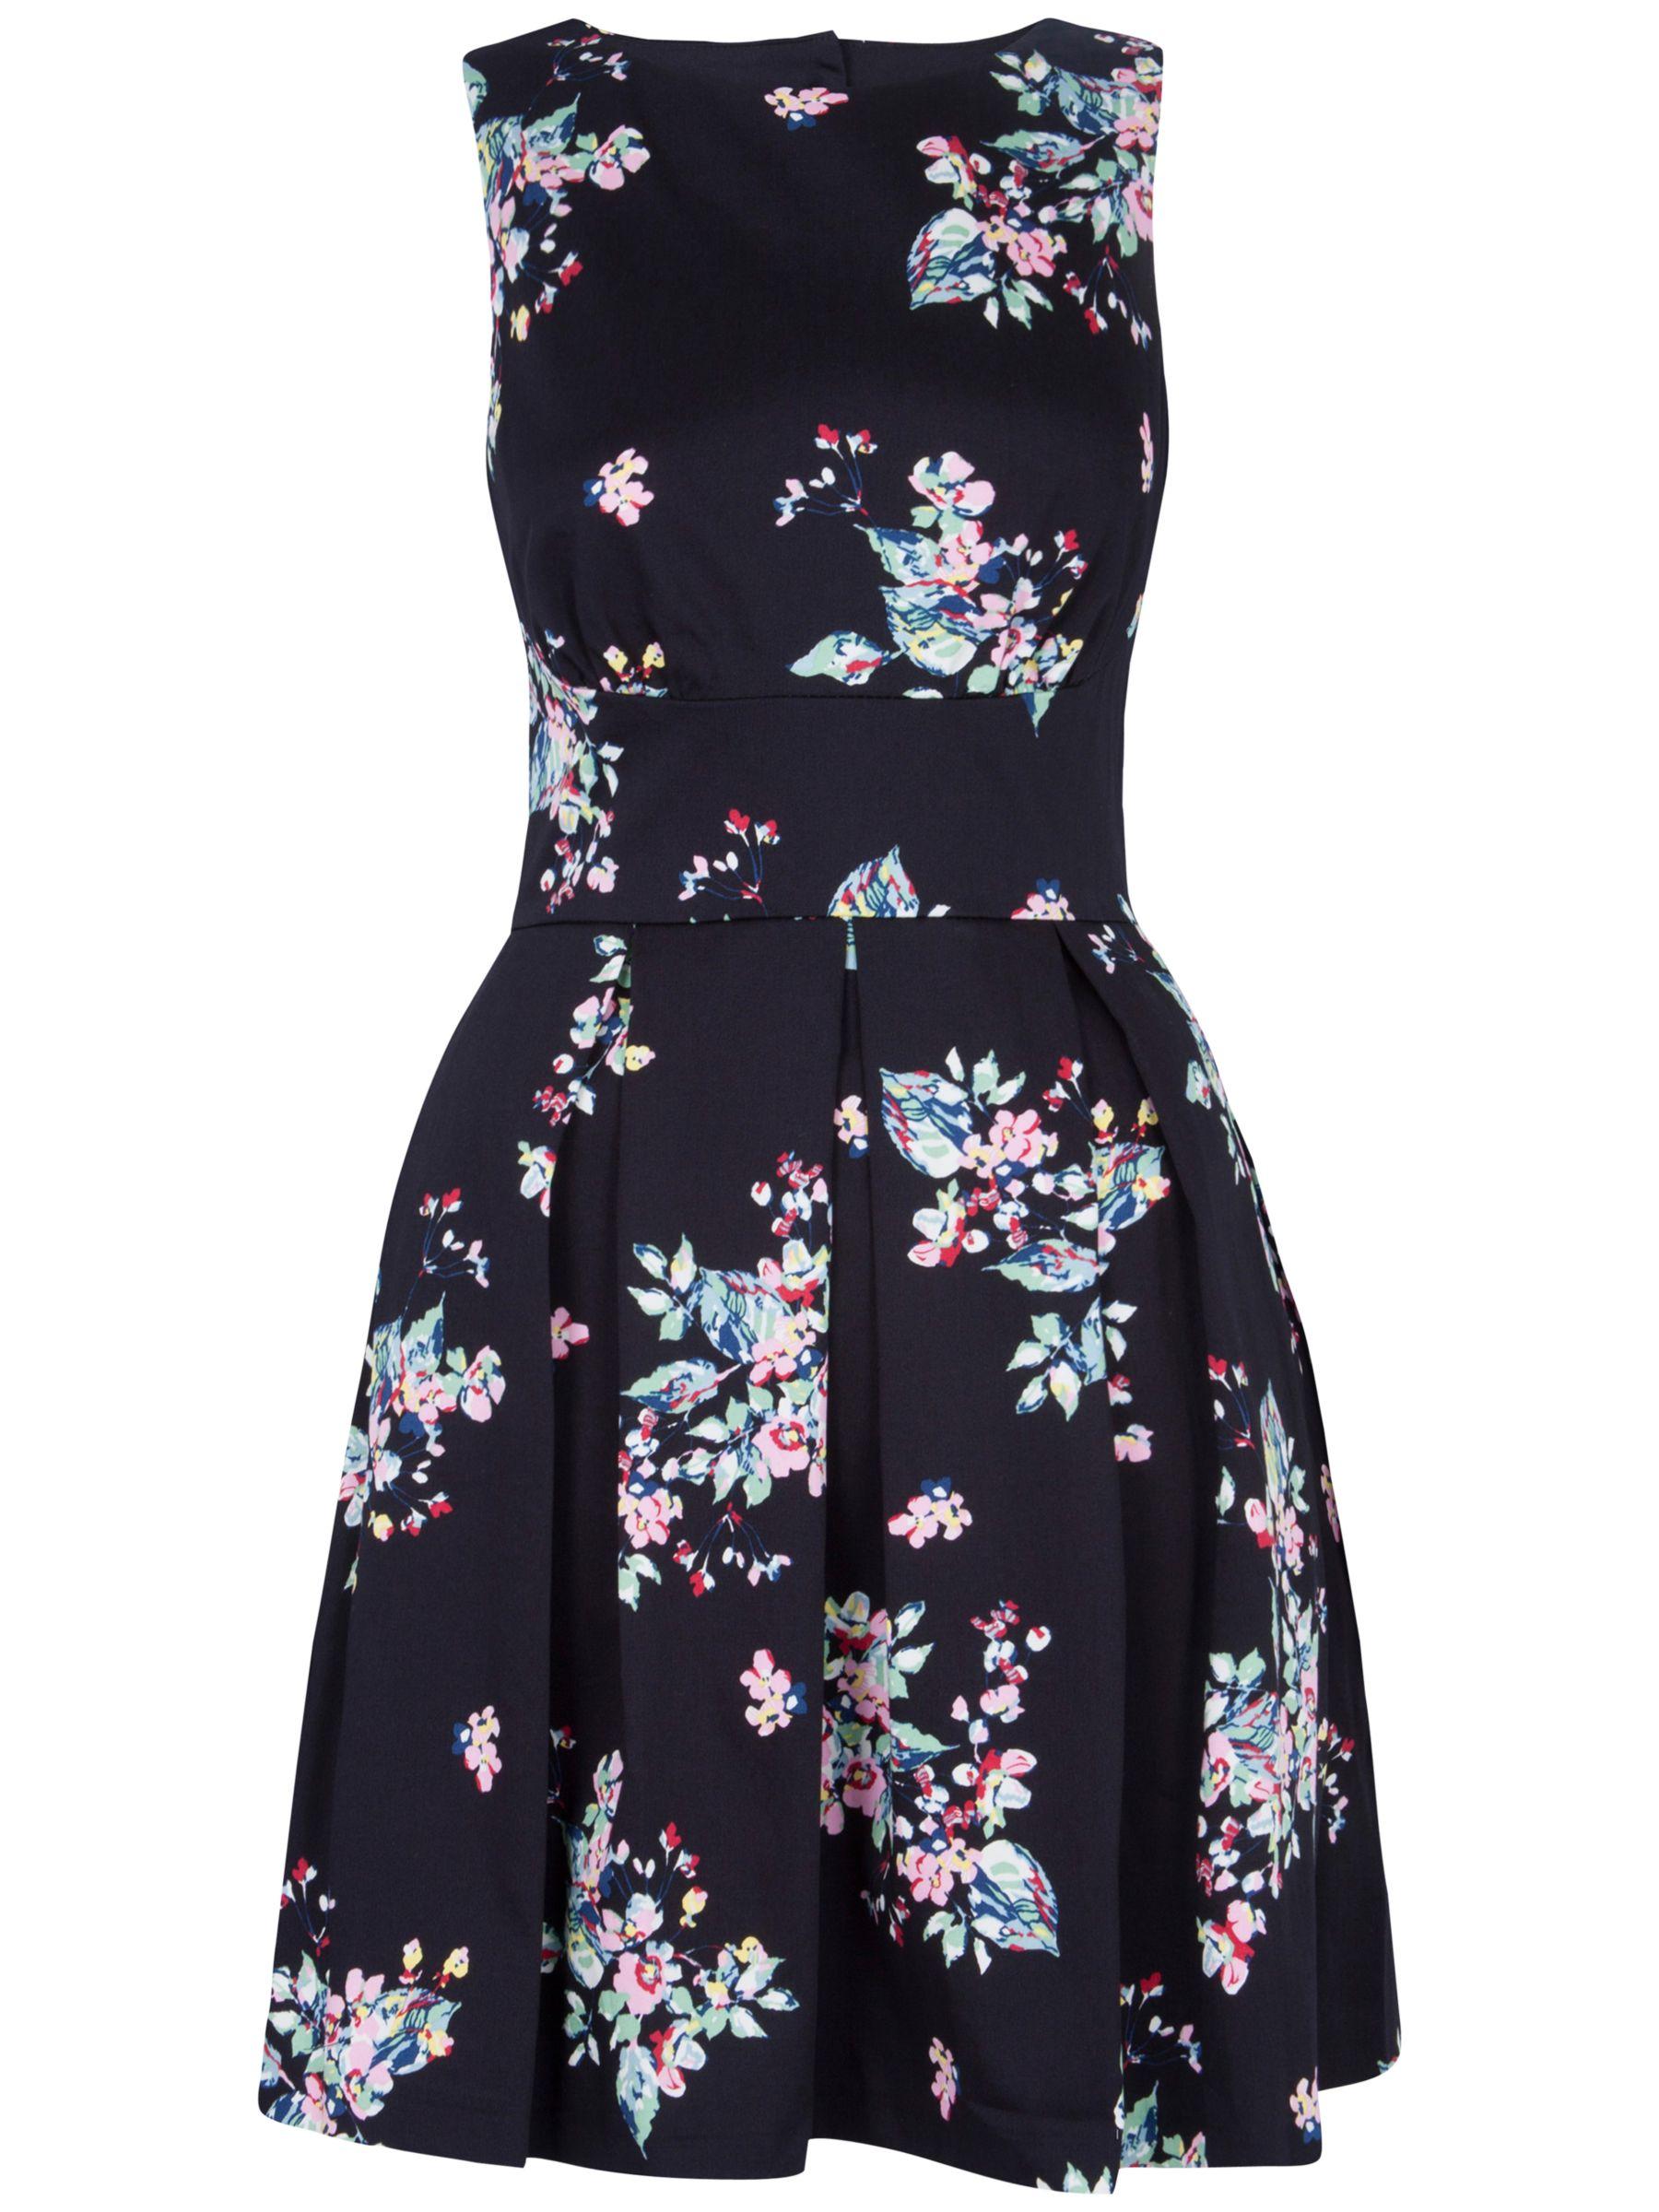 closet cut-out back floral dress multi, closet, cut-out, back, floral, dress, multi, 10 8 14 16 12, women, womens dresses, 1667696